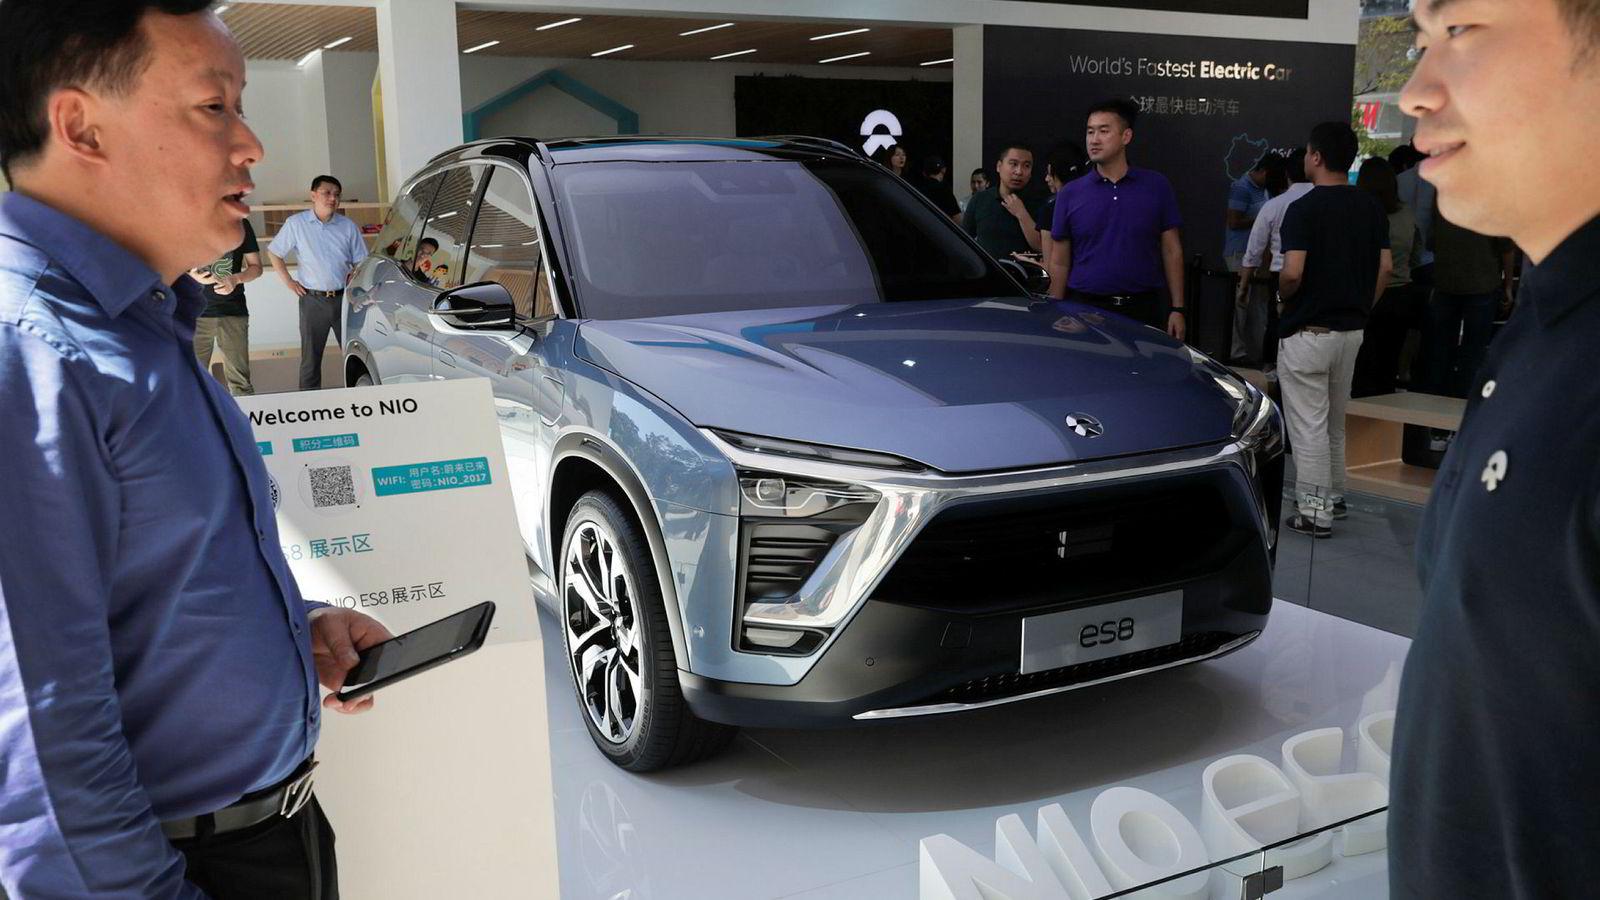 Den kinesiske bilprodusenter NIO viser frem sun nye elbil på et kjøpesenter i Beijing mandag. Snart kan slike biler bli normen i Kina.